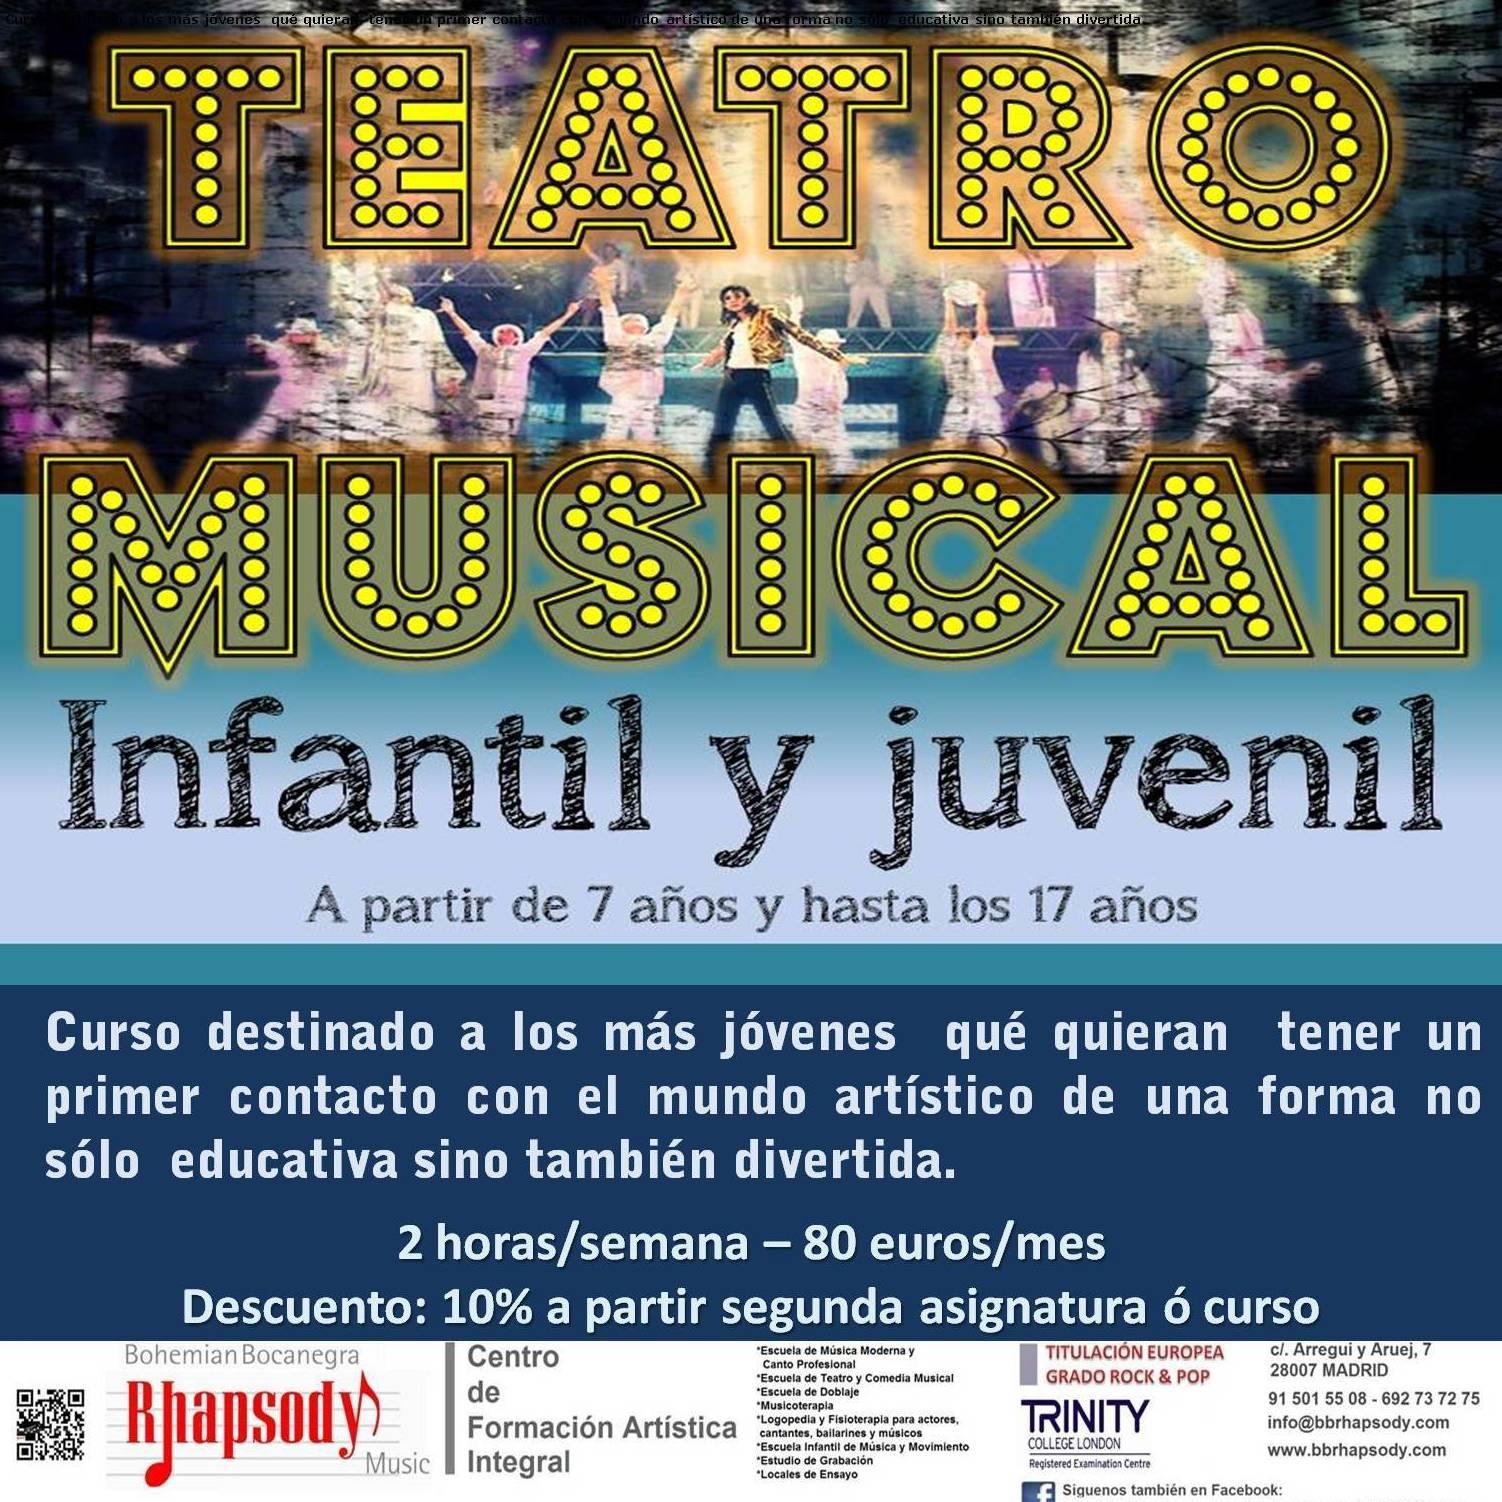 TEATRO MUSICAL infantil y juvenil a partir de 7 años y hasta los 17